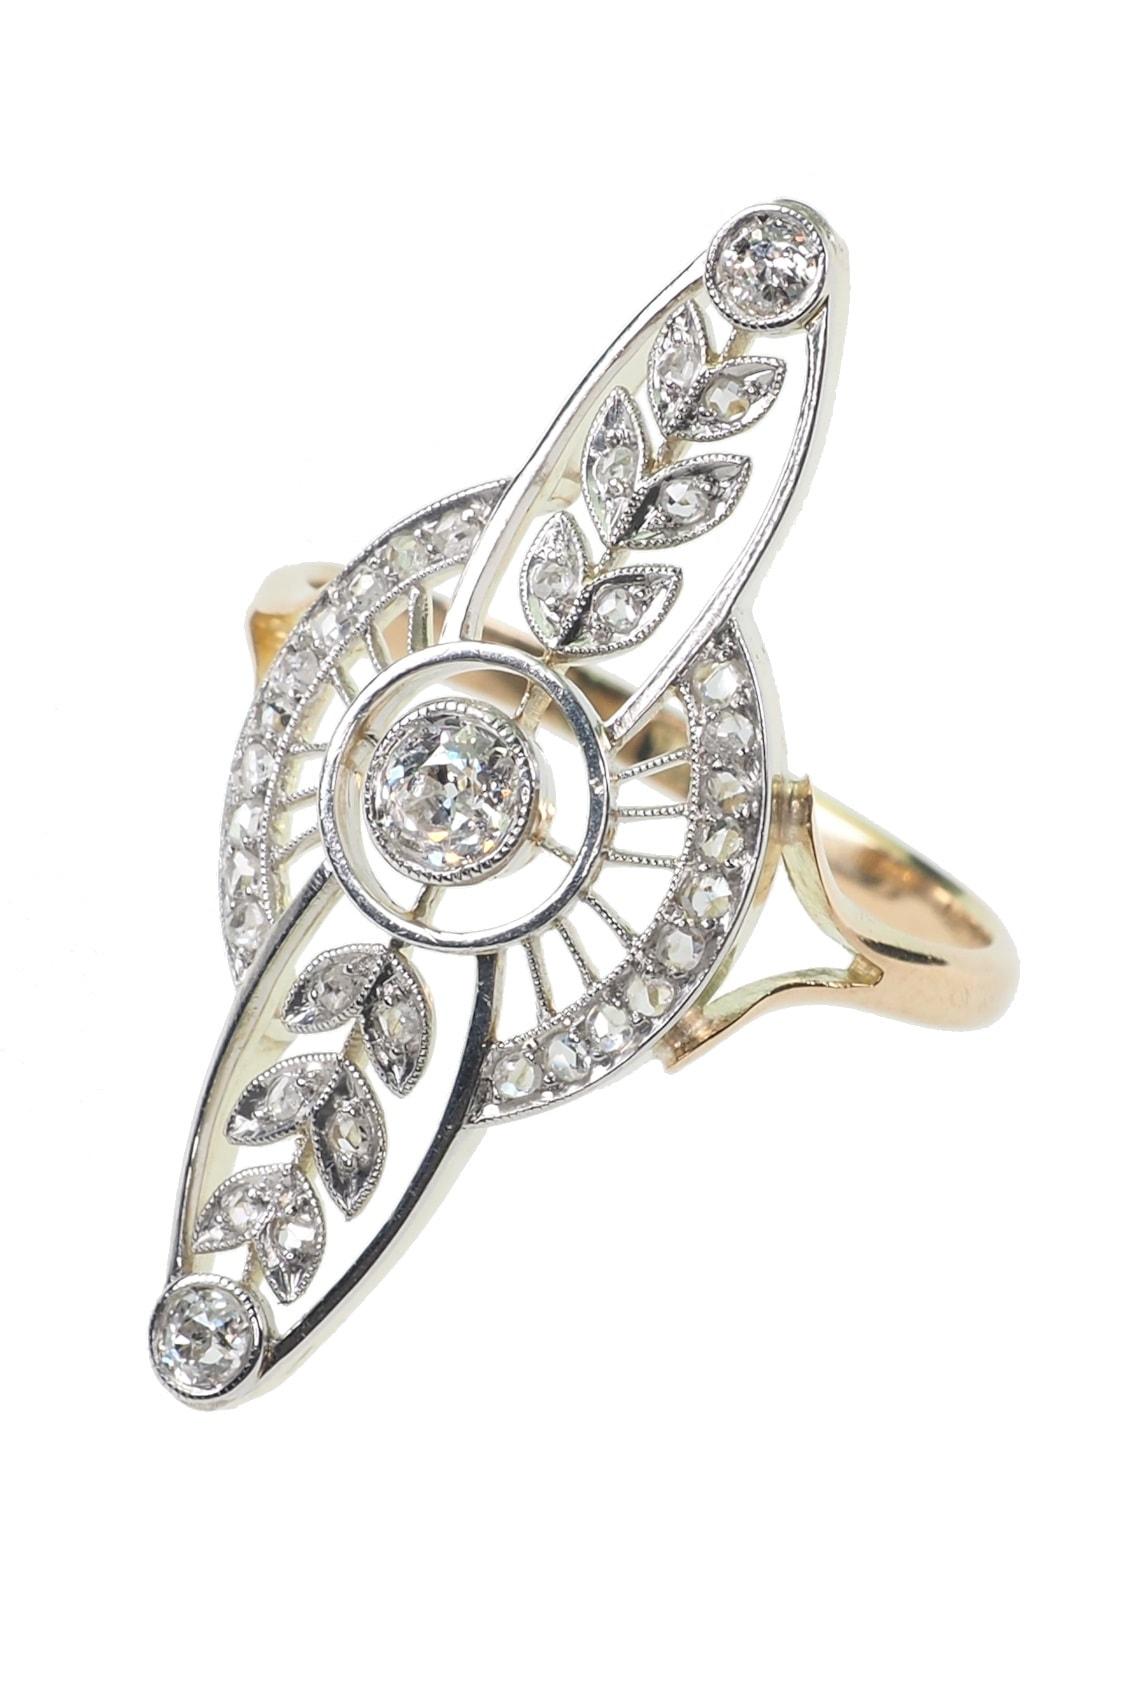 Diamantringe-online-kaufen-2699b